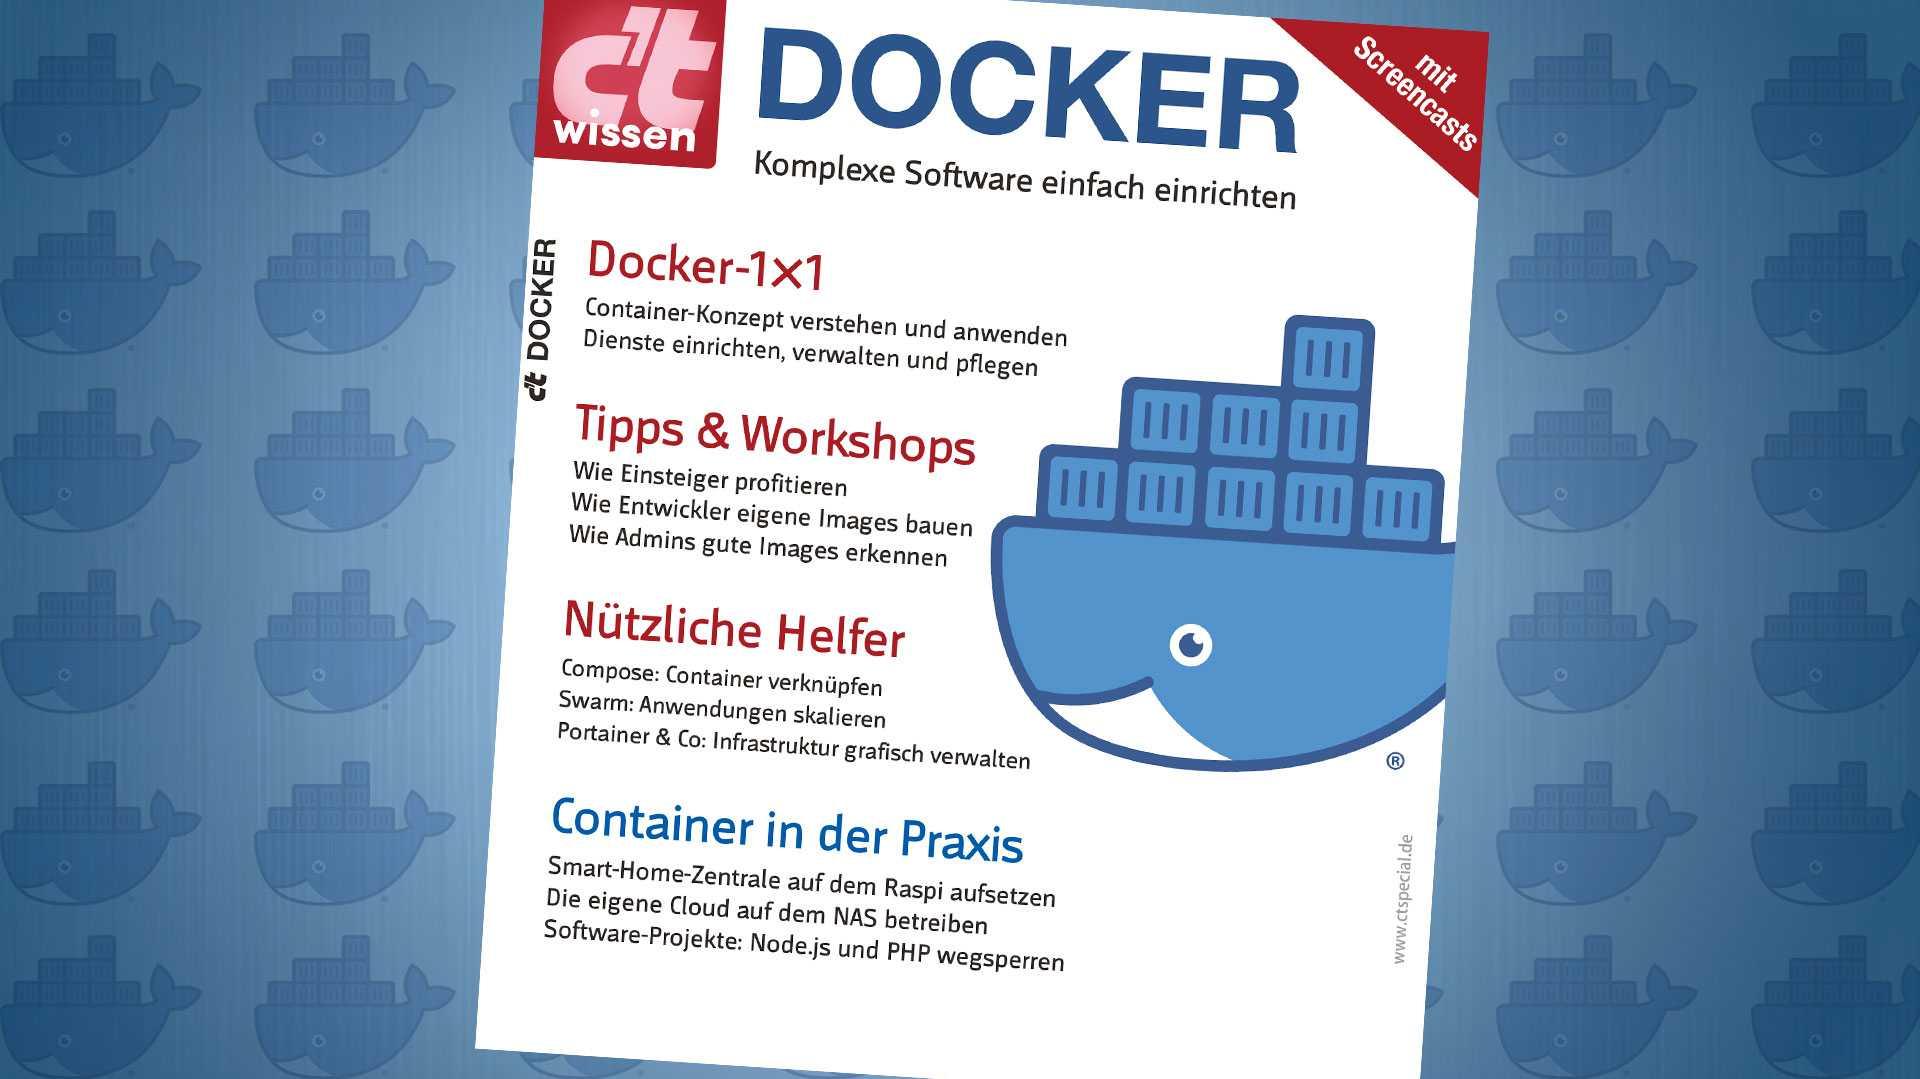 Jetzt erhältlich: c't wissen Docker